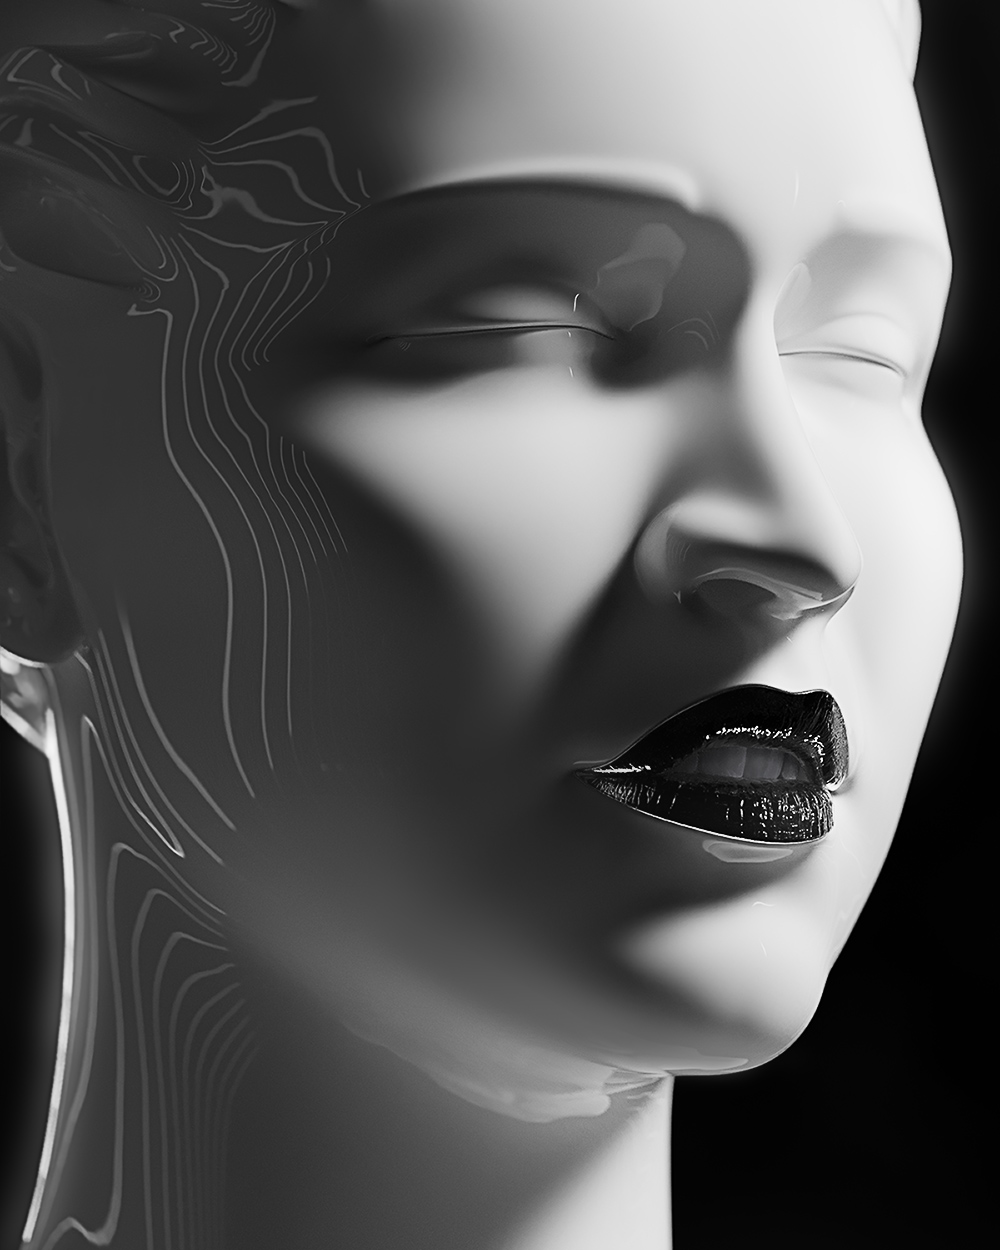 Sculpture, portrait of a Singer 7